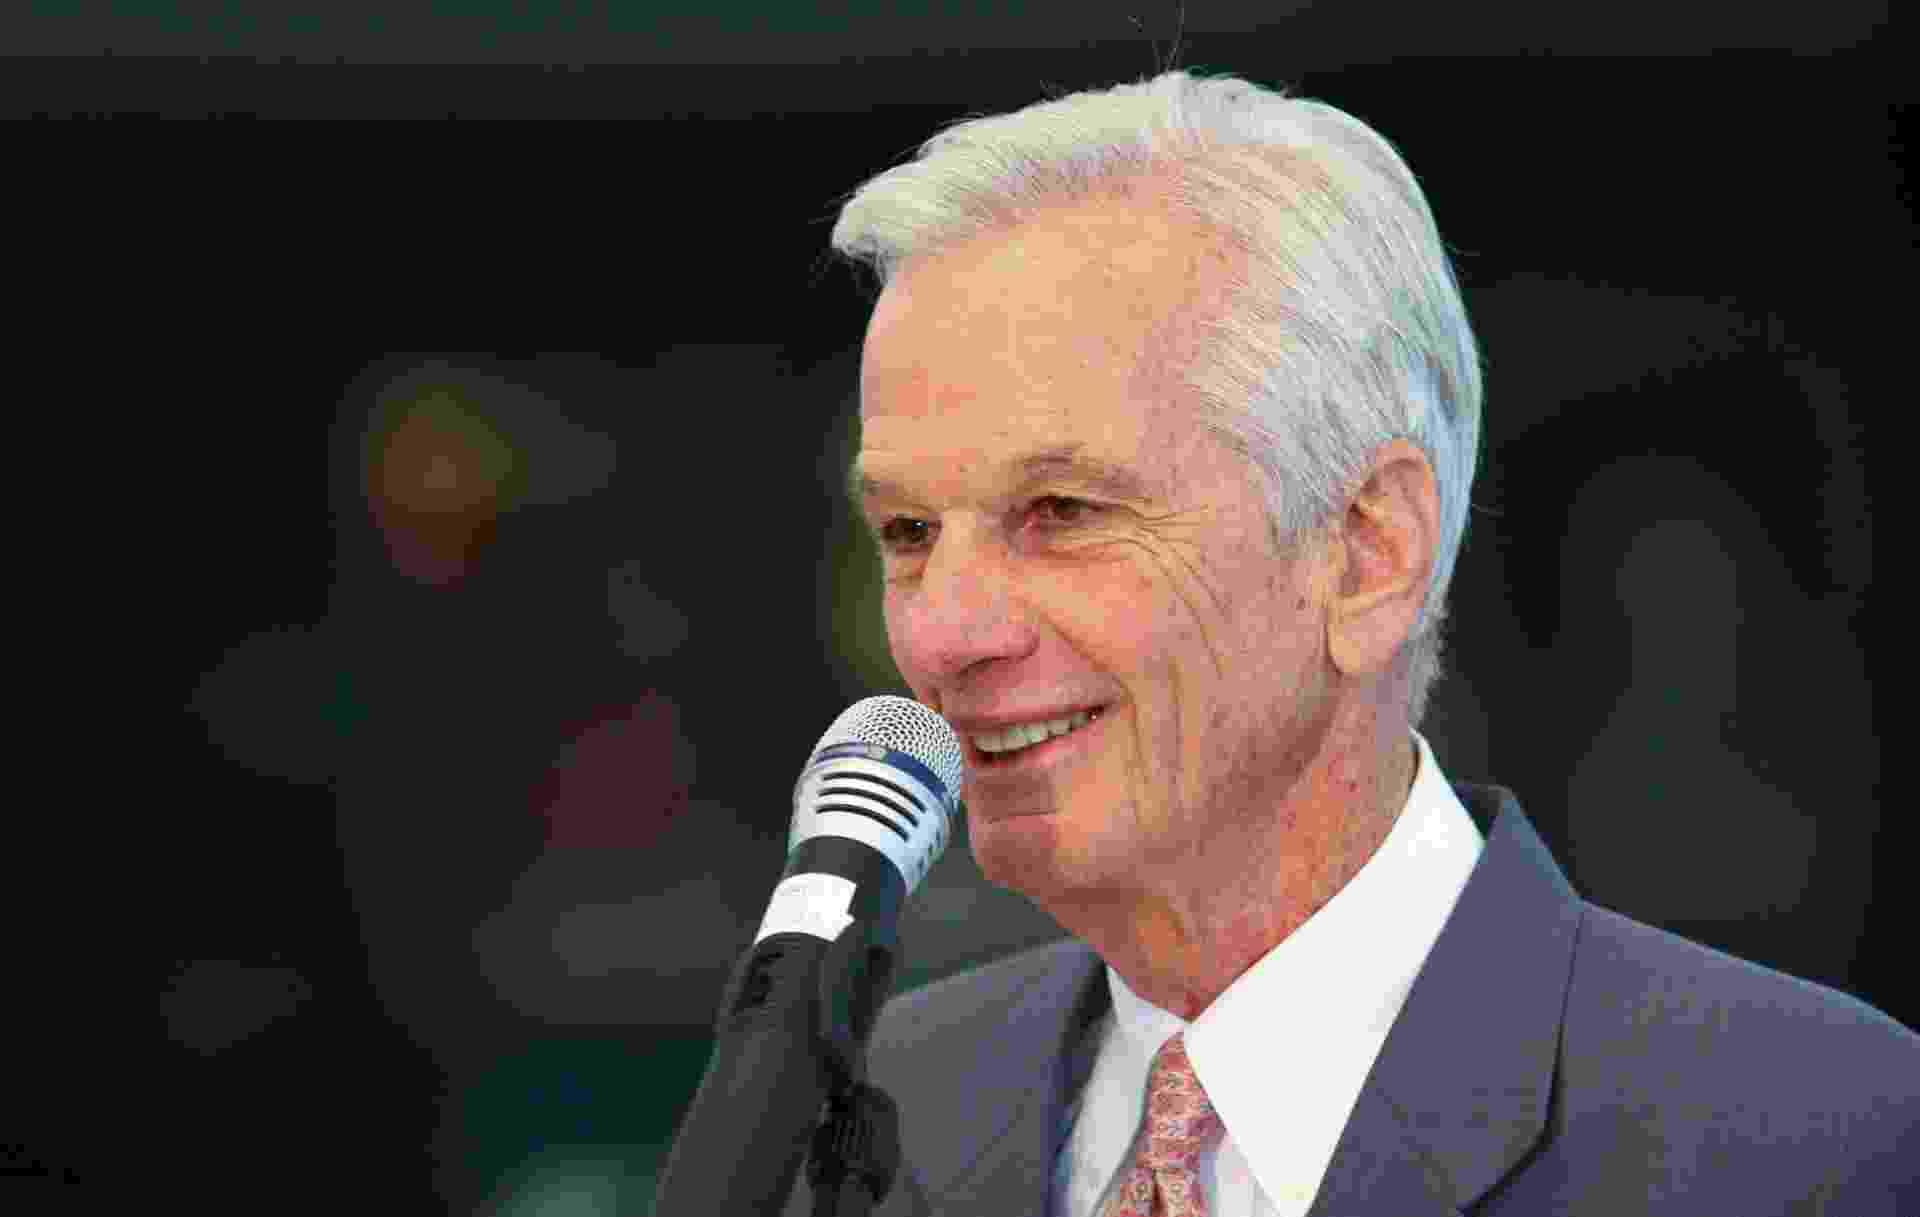 Jorge Paulo Lemann, 74, é o bilionário mais rico do Brasil e o 34º no mundo. Sua fortuna é estimada em US$ 19,4 bilhões - Mastrangelo Reino/Folhapress